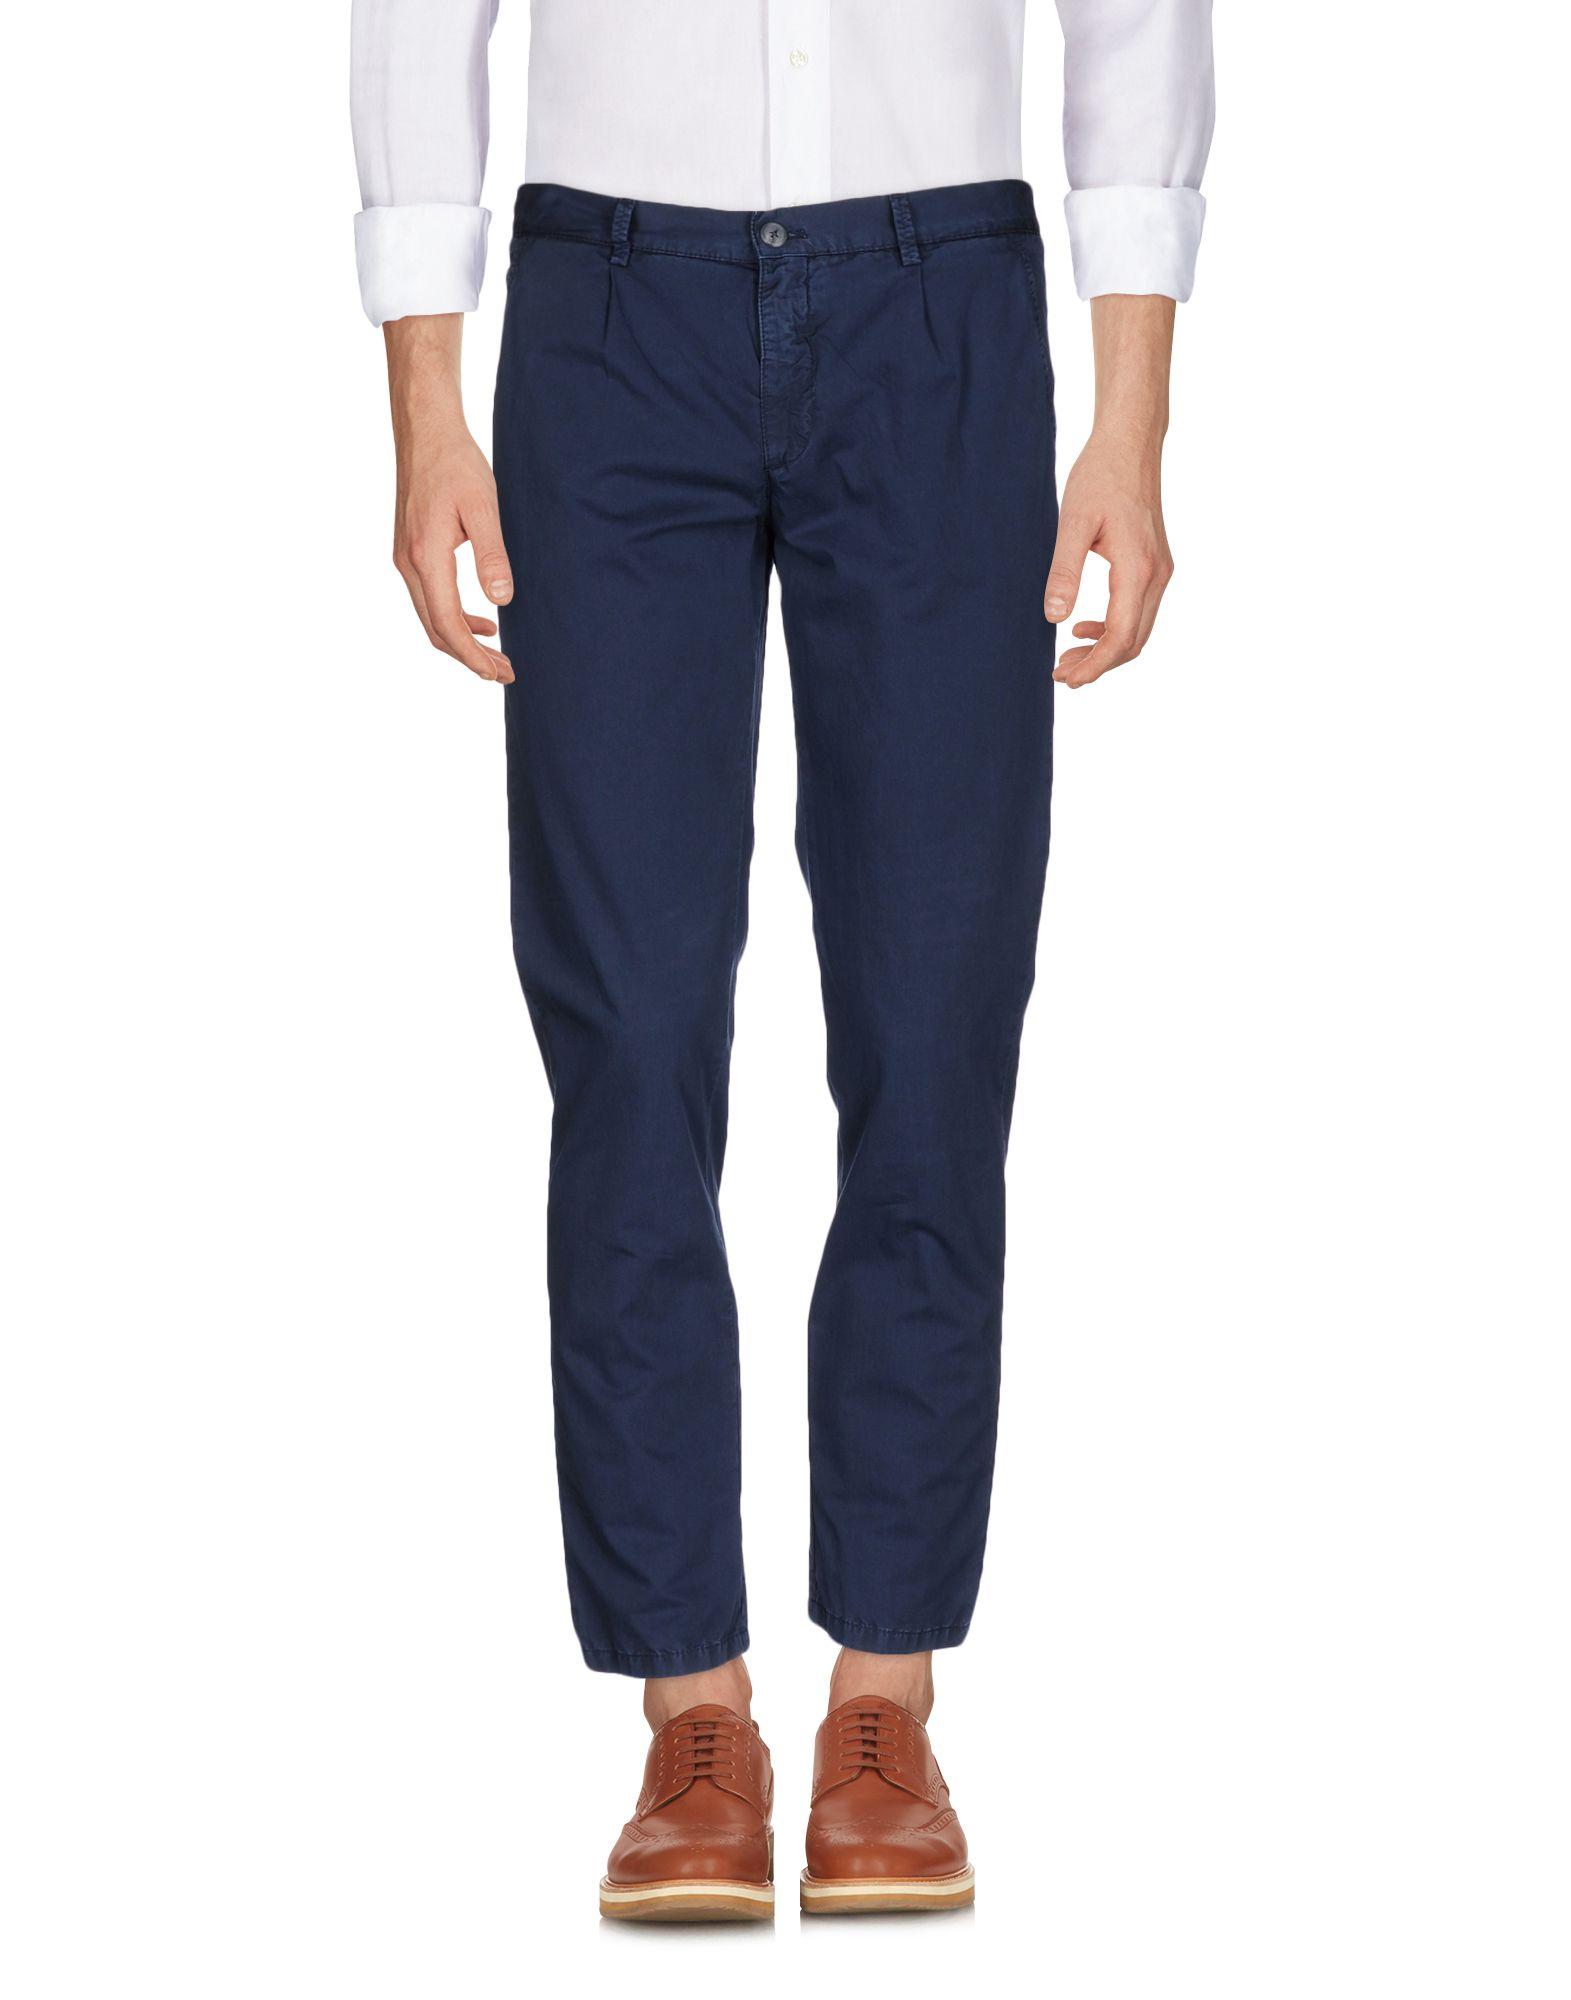 《送料無料》BASICON メンズ パンツ ブルーグレー 44 コットン 100%